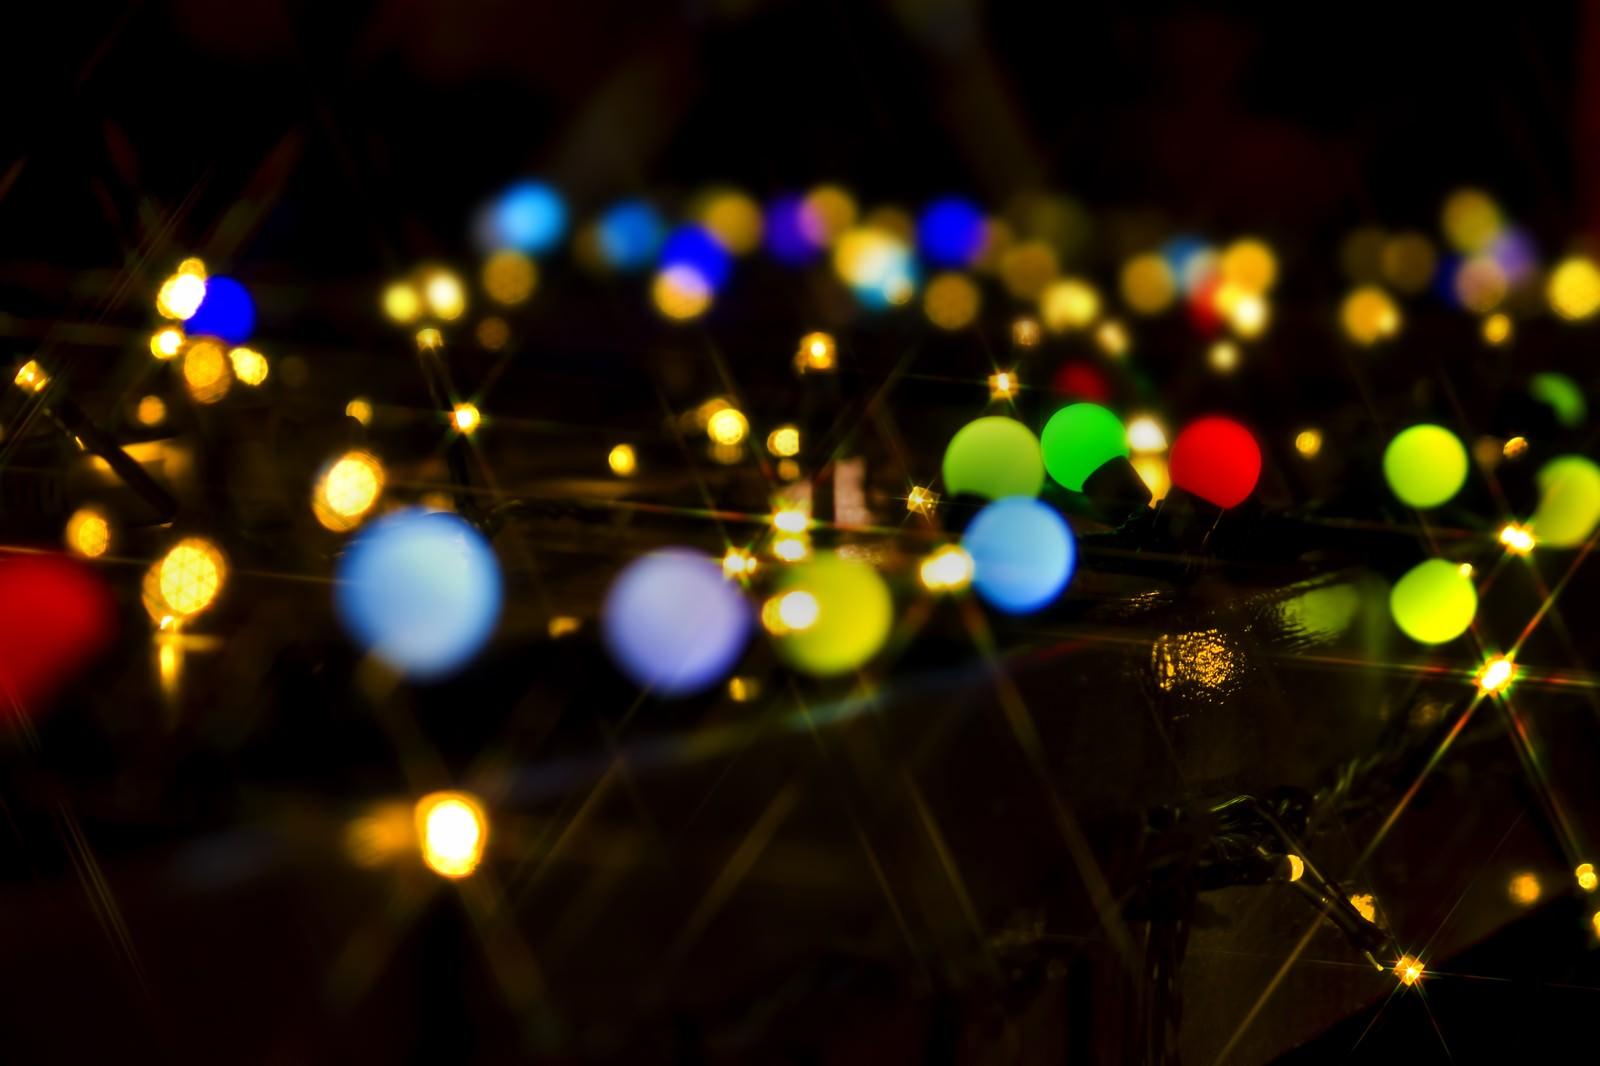 「カラフルな電球とイルミネーション」の写真